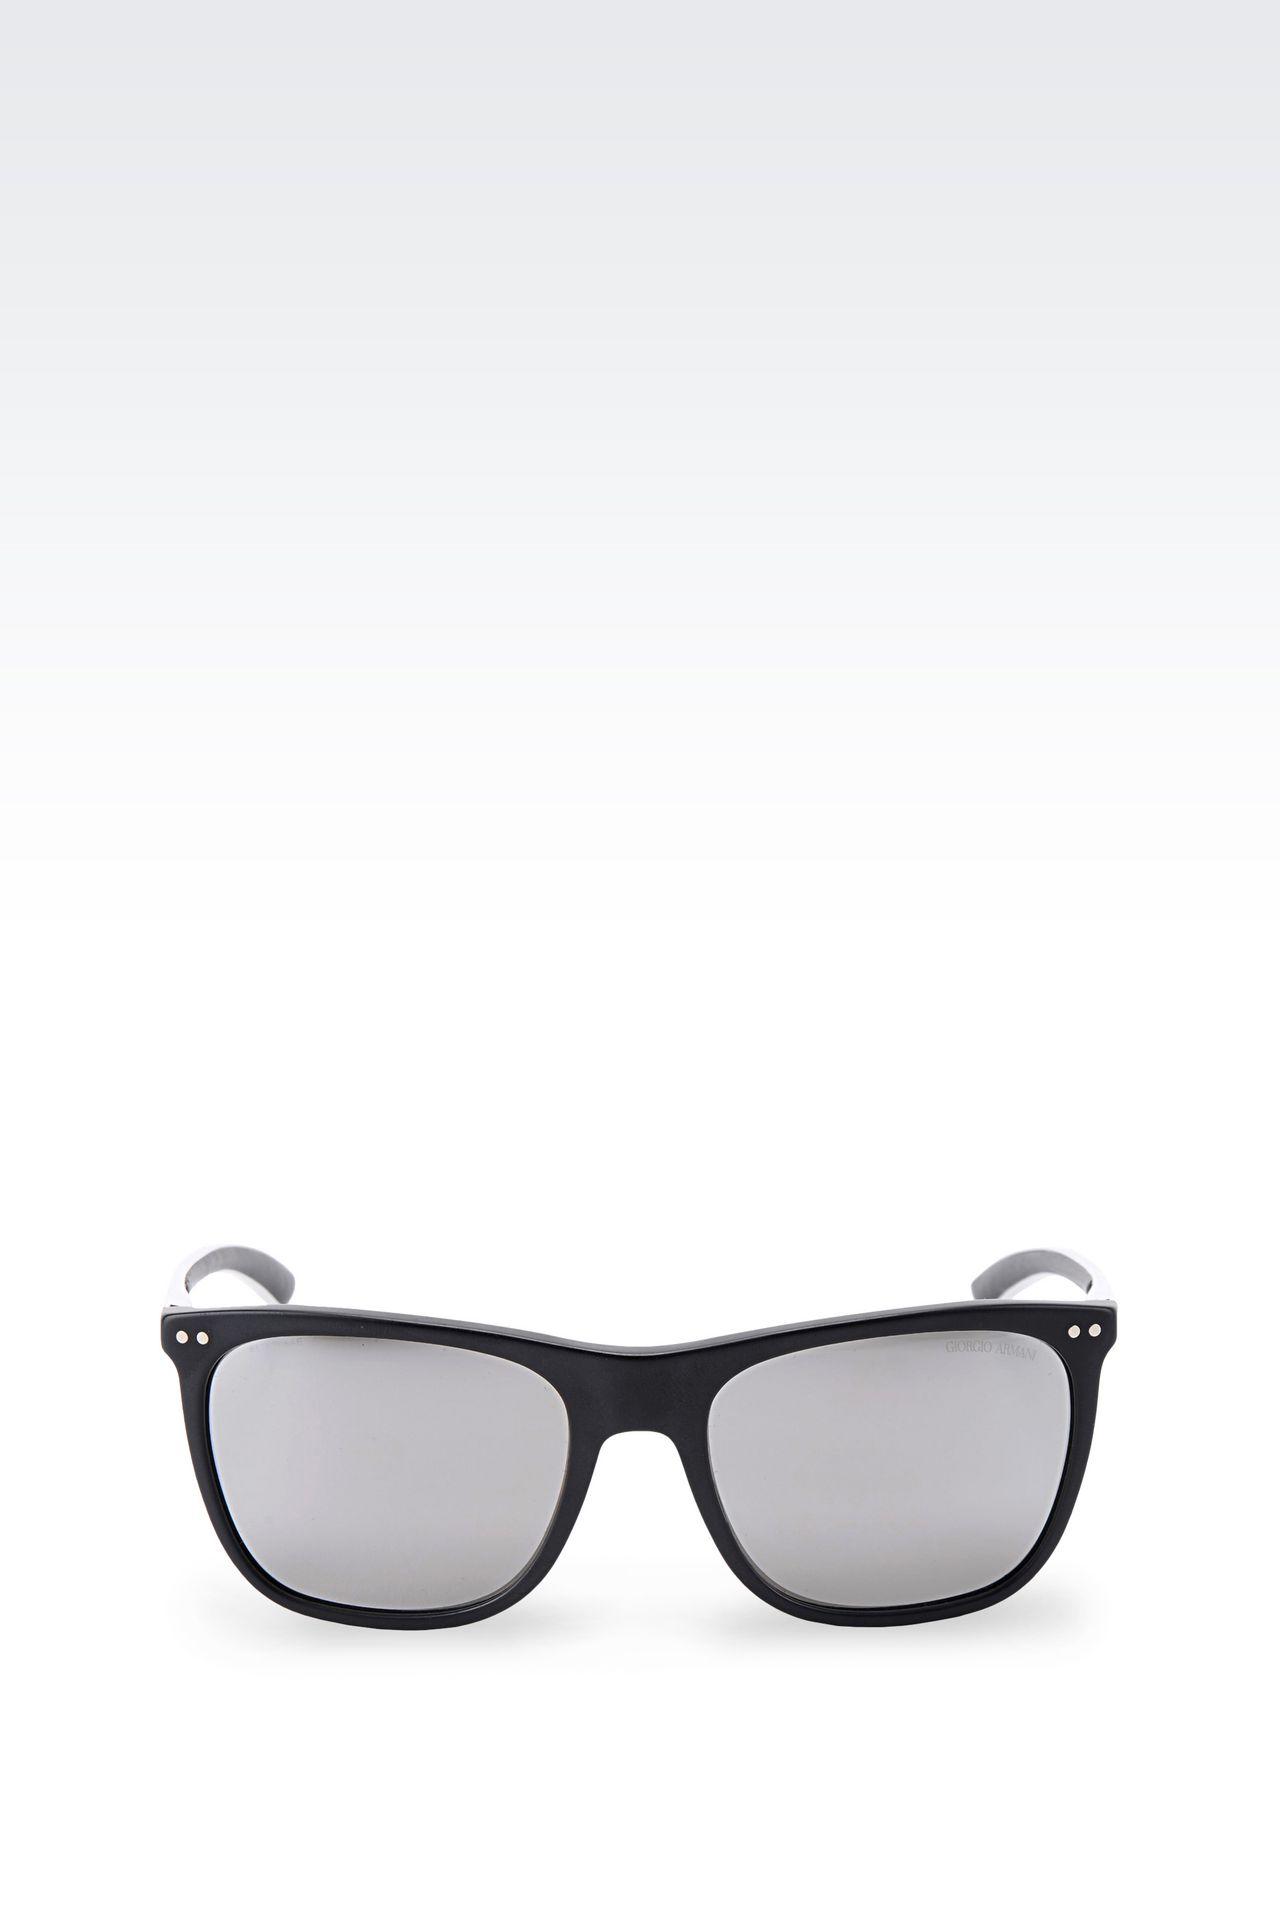 designer glasses frames for men  armani men sun